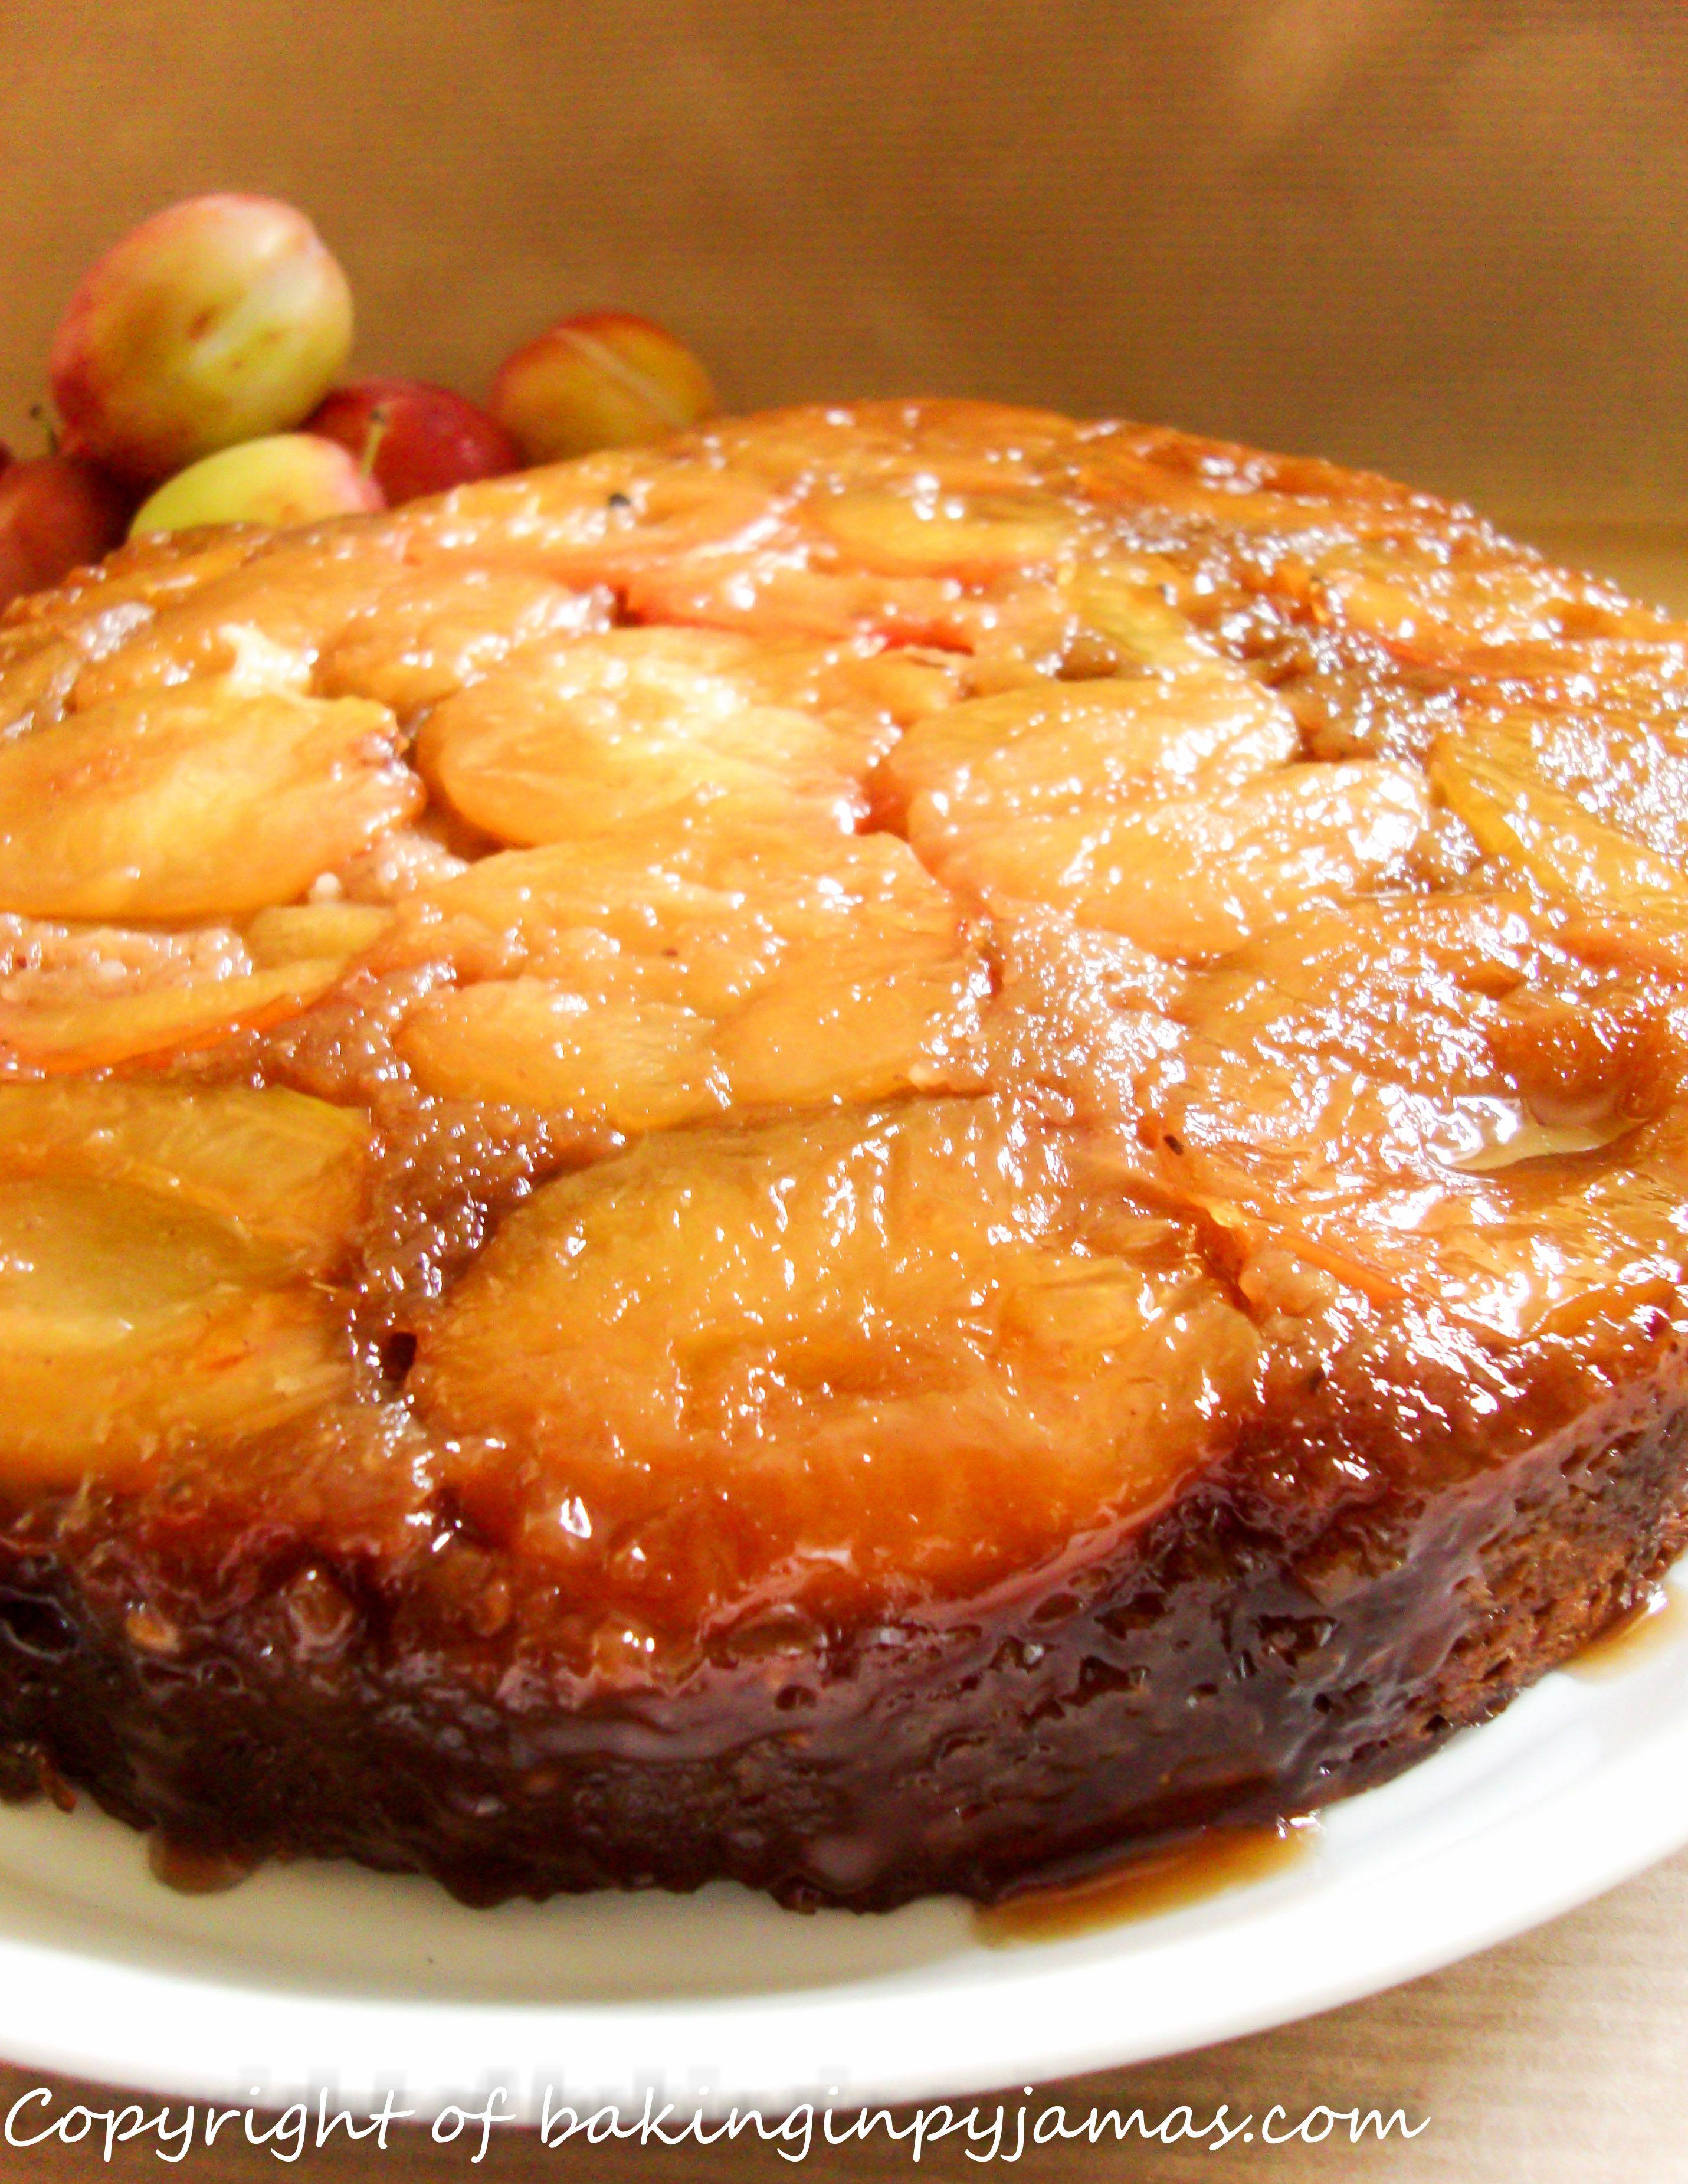 Plum and Hazelnut Upside Down Cake | Fruit Based Cakes@baking in pyja ...